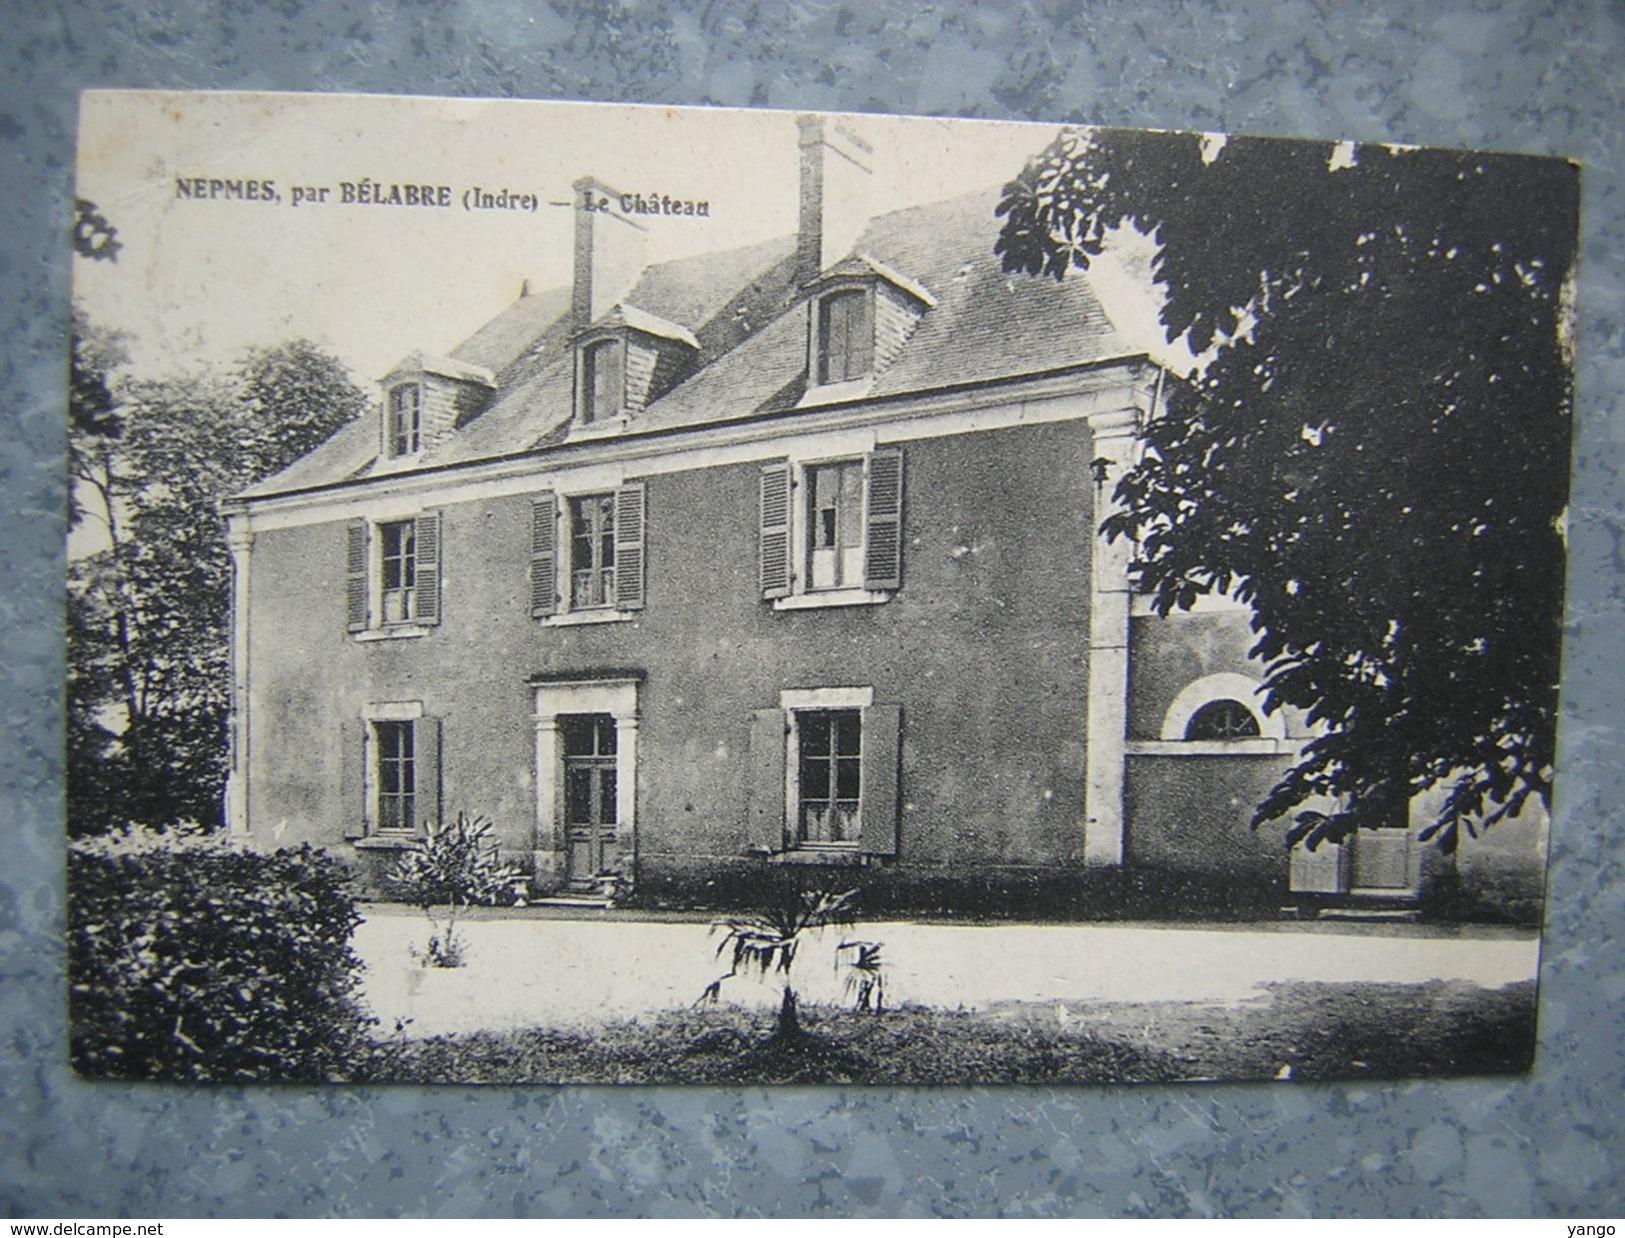 NEPMES PAR BELABRE - LE CHATEAU - France